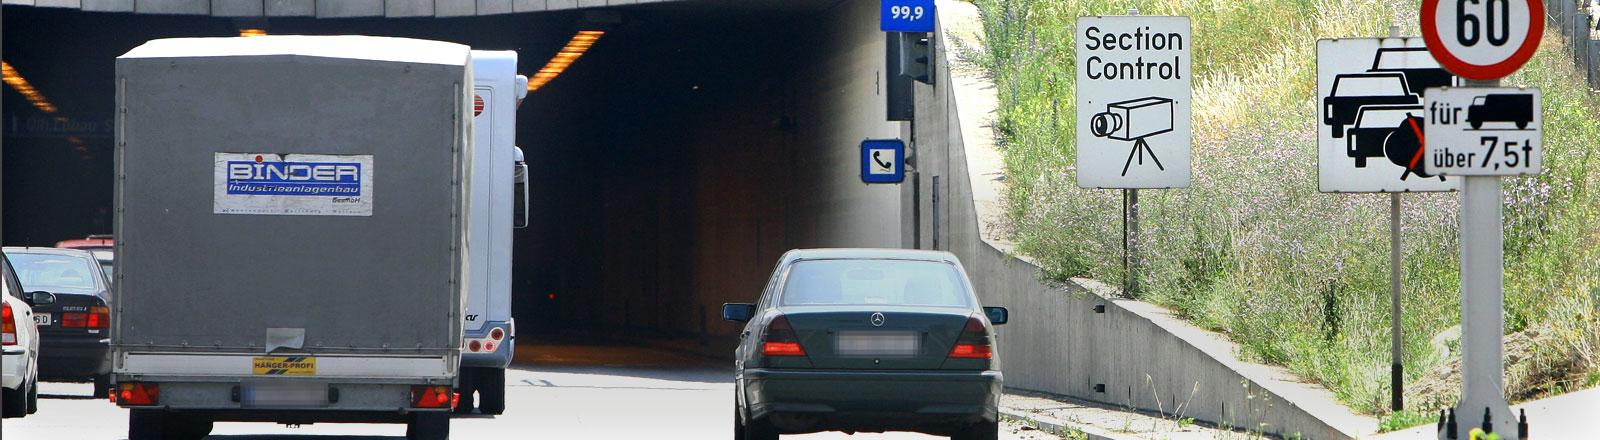 Zwei Autos auf einer Autobahn. Daneben der Streckenradar.